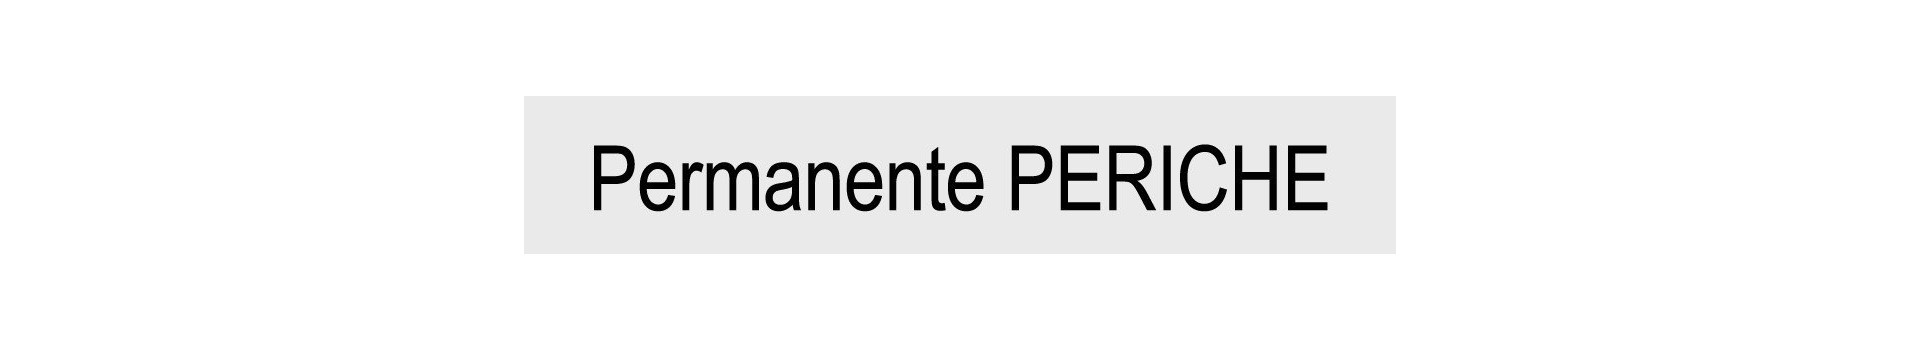 Permanente PERICHE